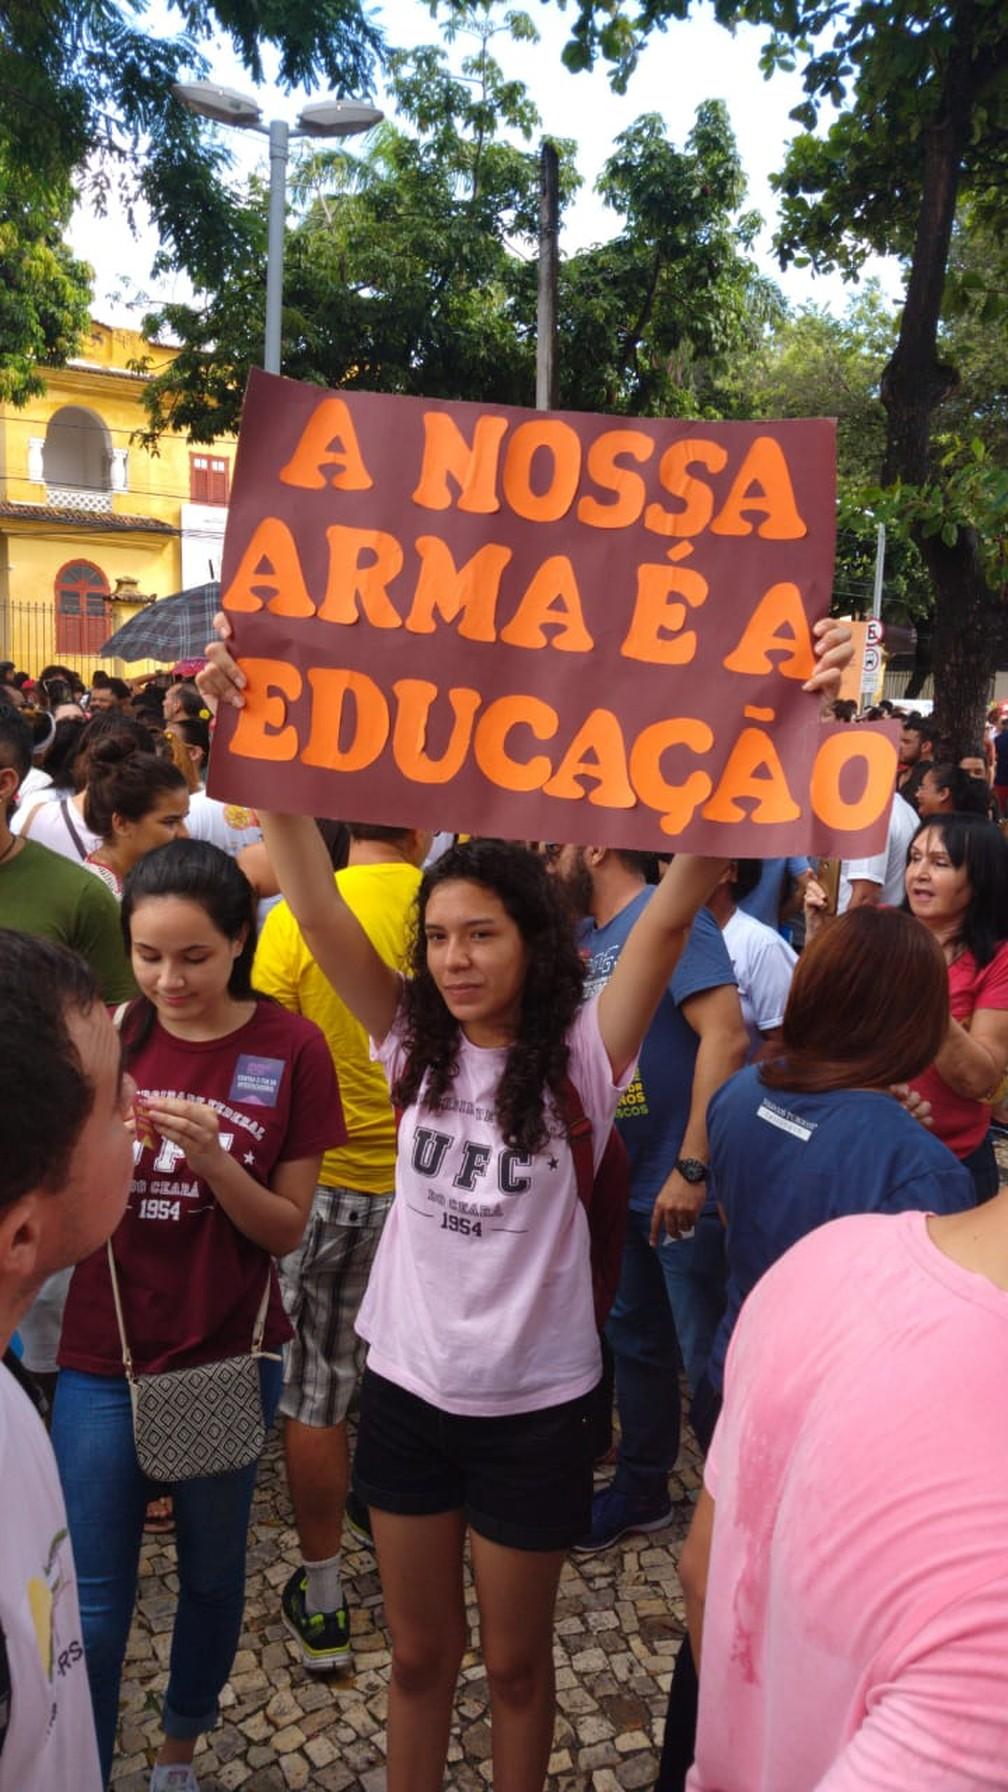 Fortaleza - estudantes e professores fazem protesto contra bloqueios na educação — Foto: Nicolas Paulino/SVM